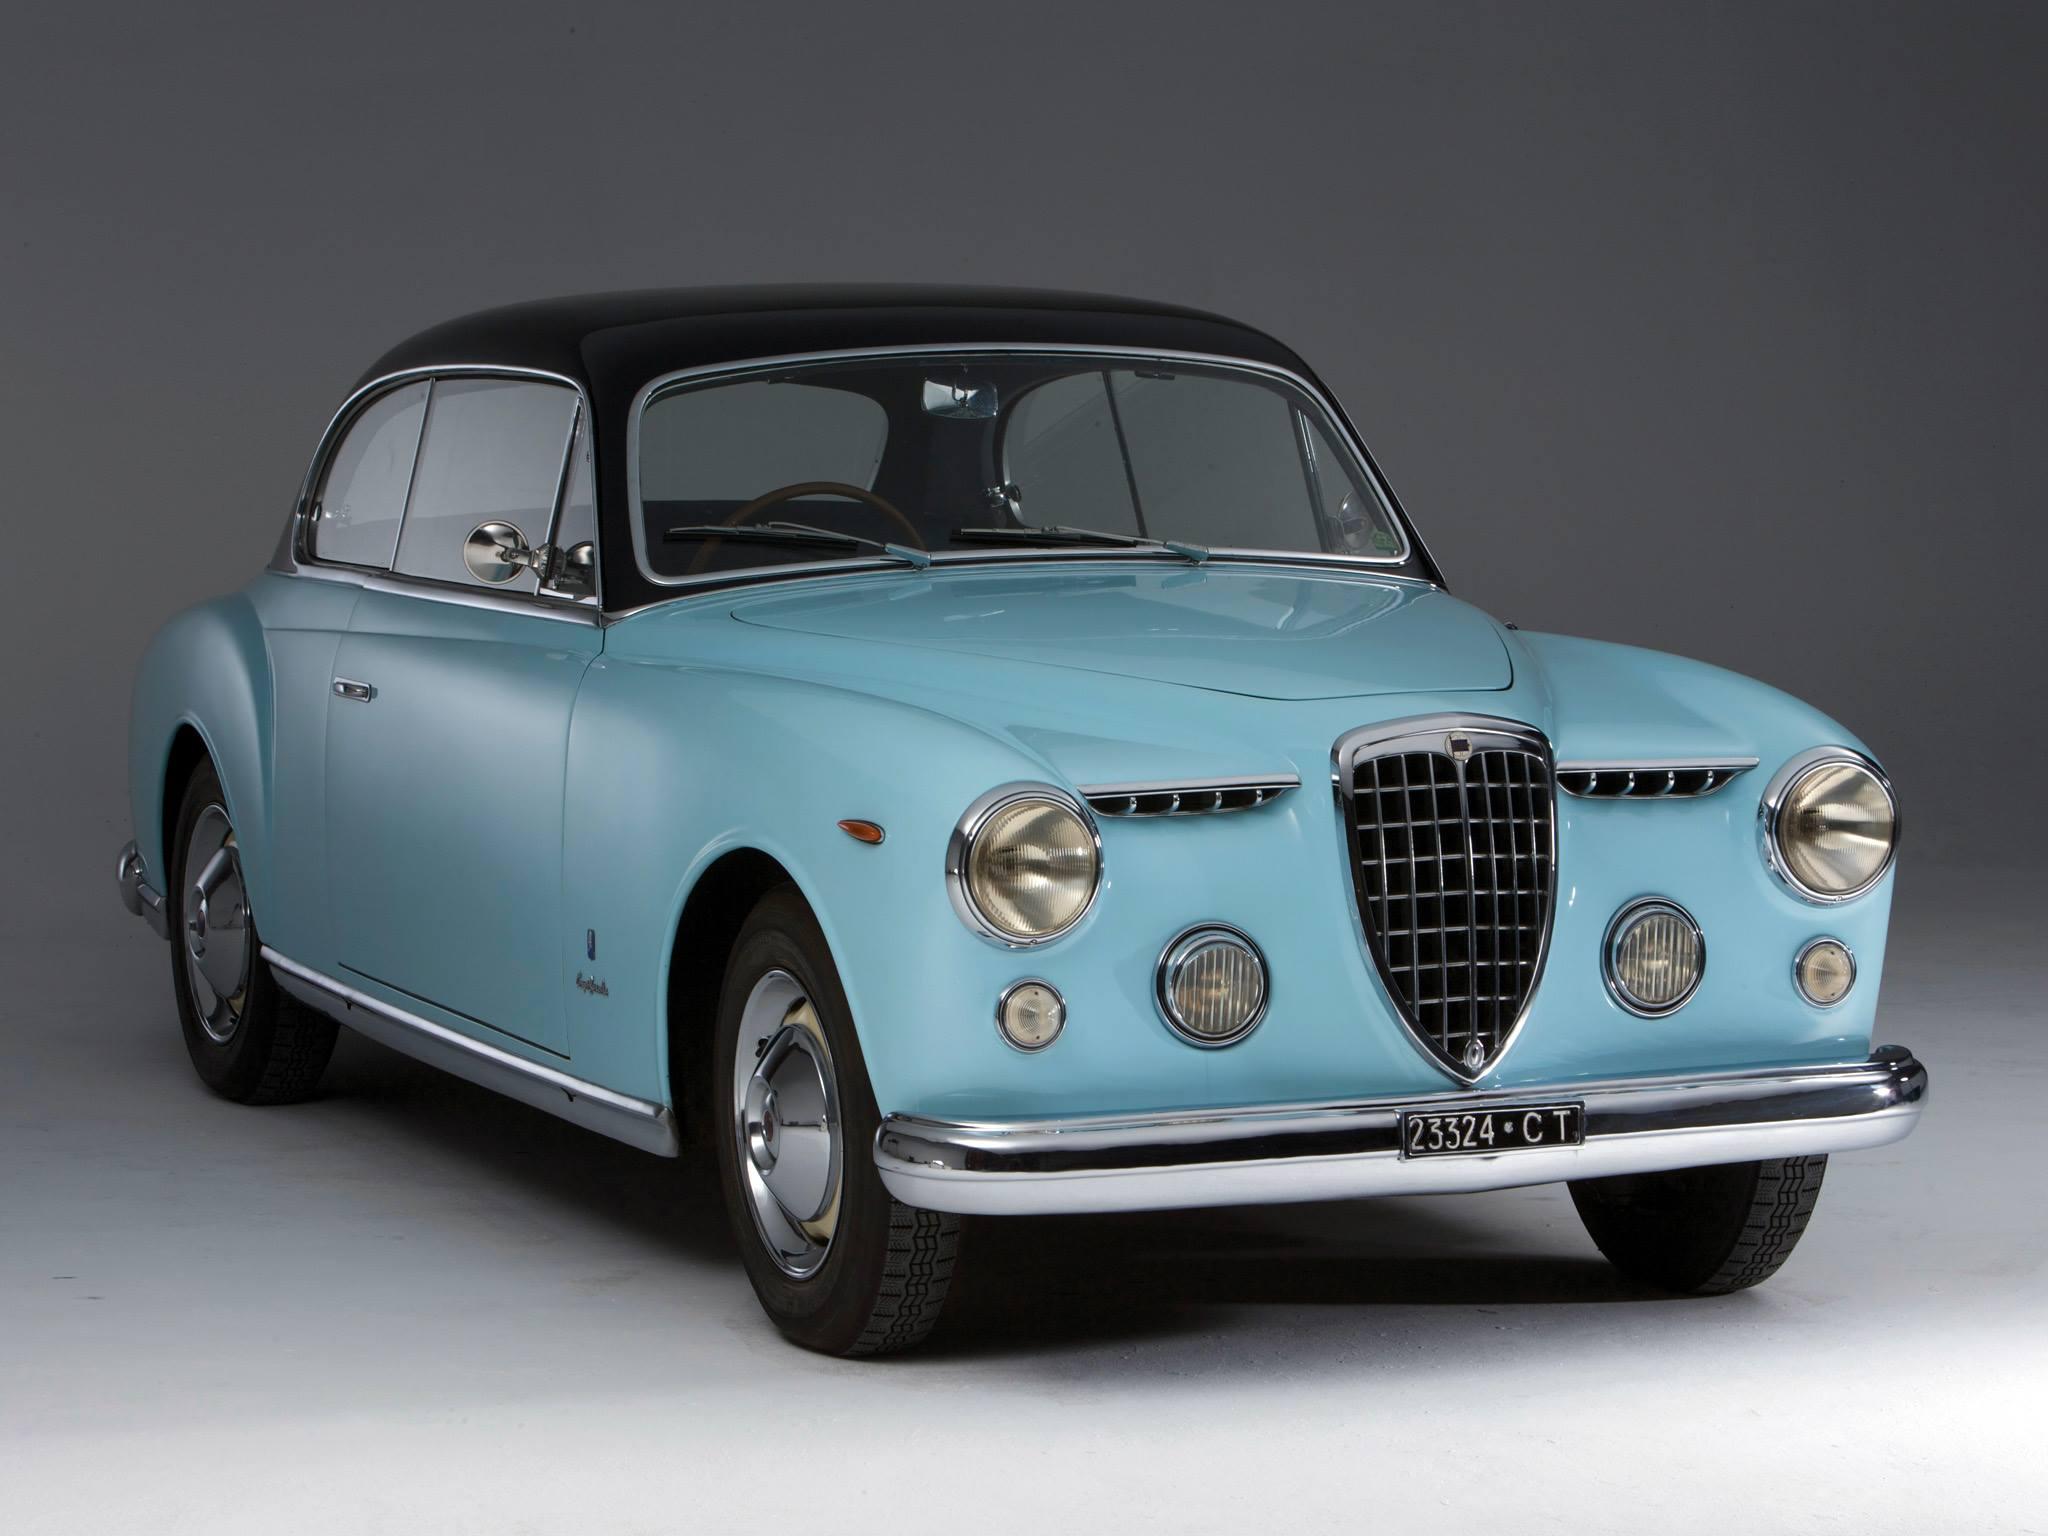 Lancia-Aurelia-Coupe-1952-1